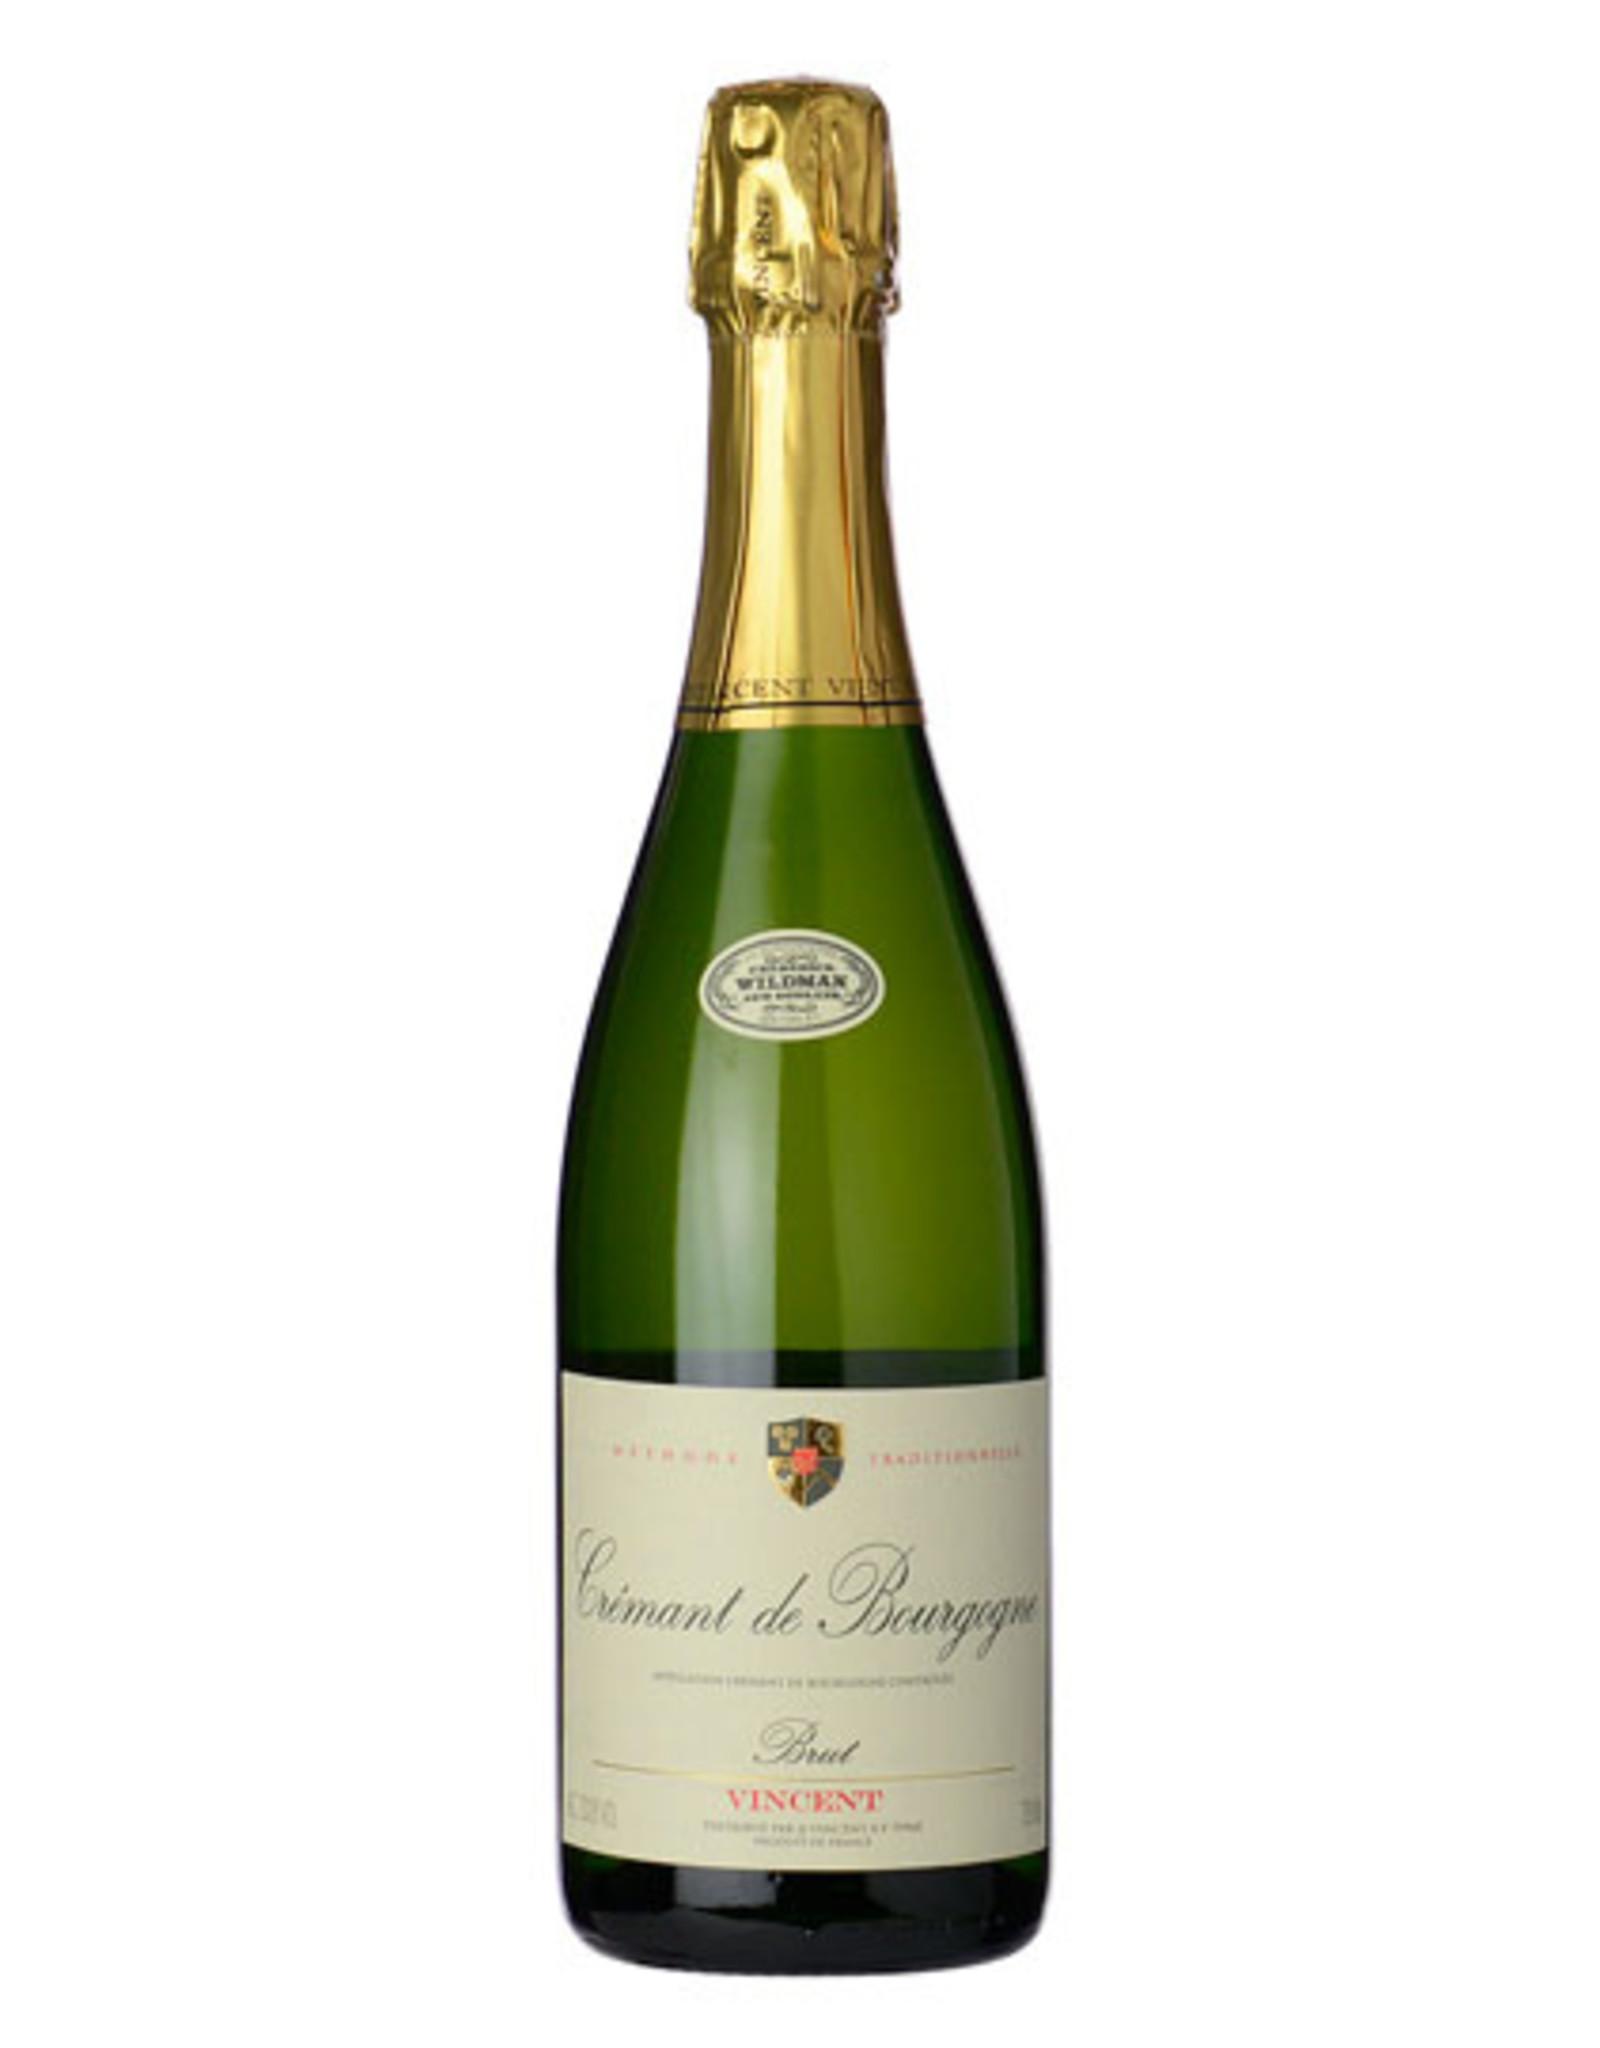 JJ Vincent Cremant de Bourgogne